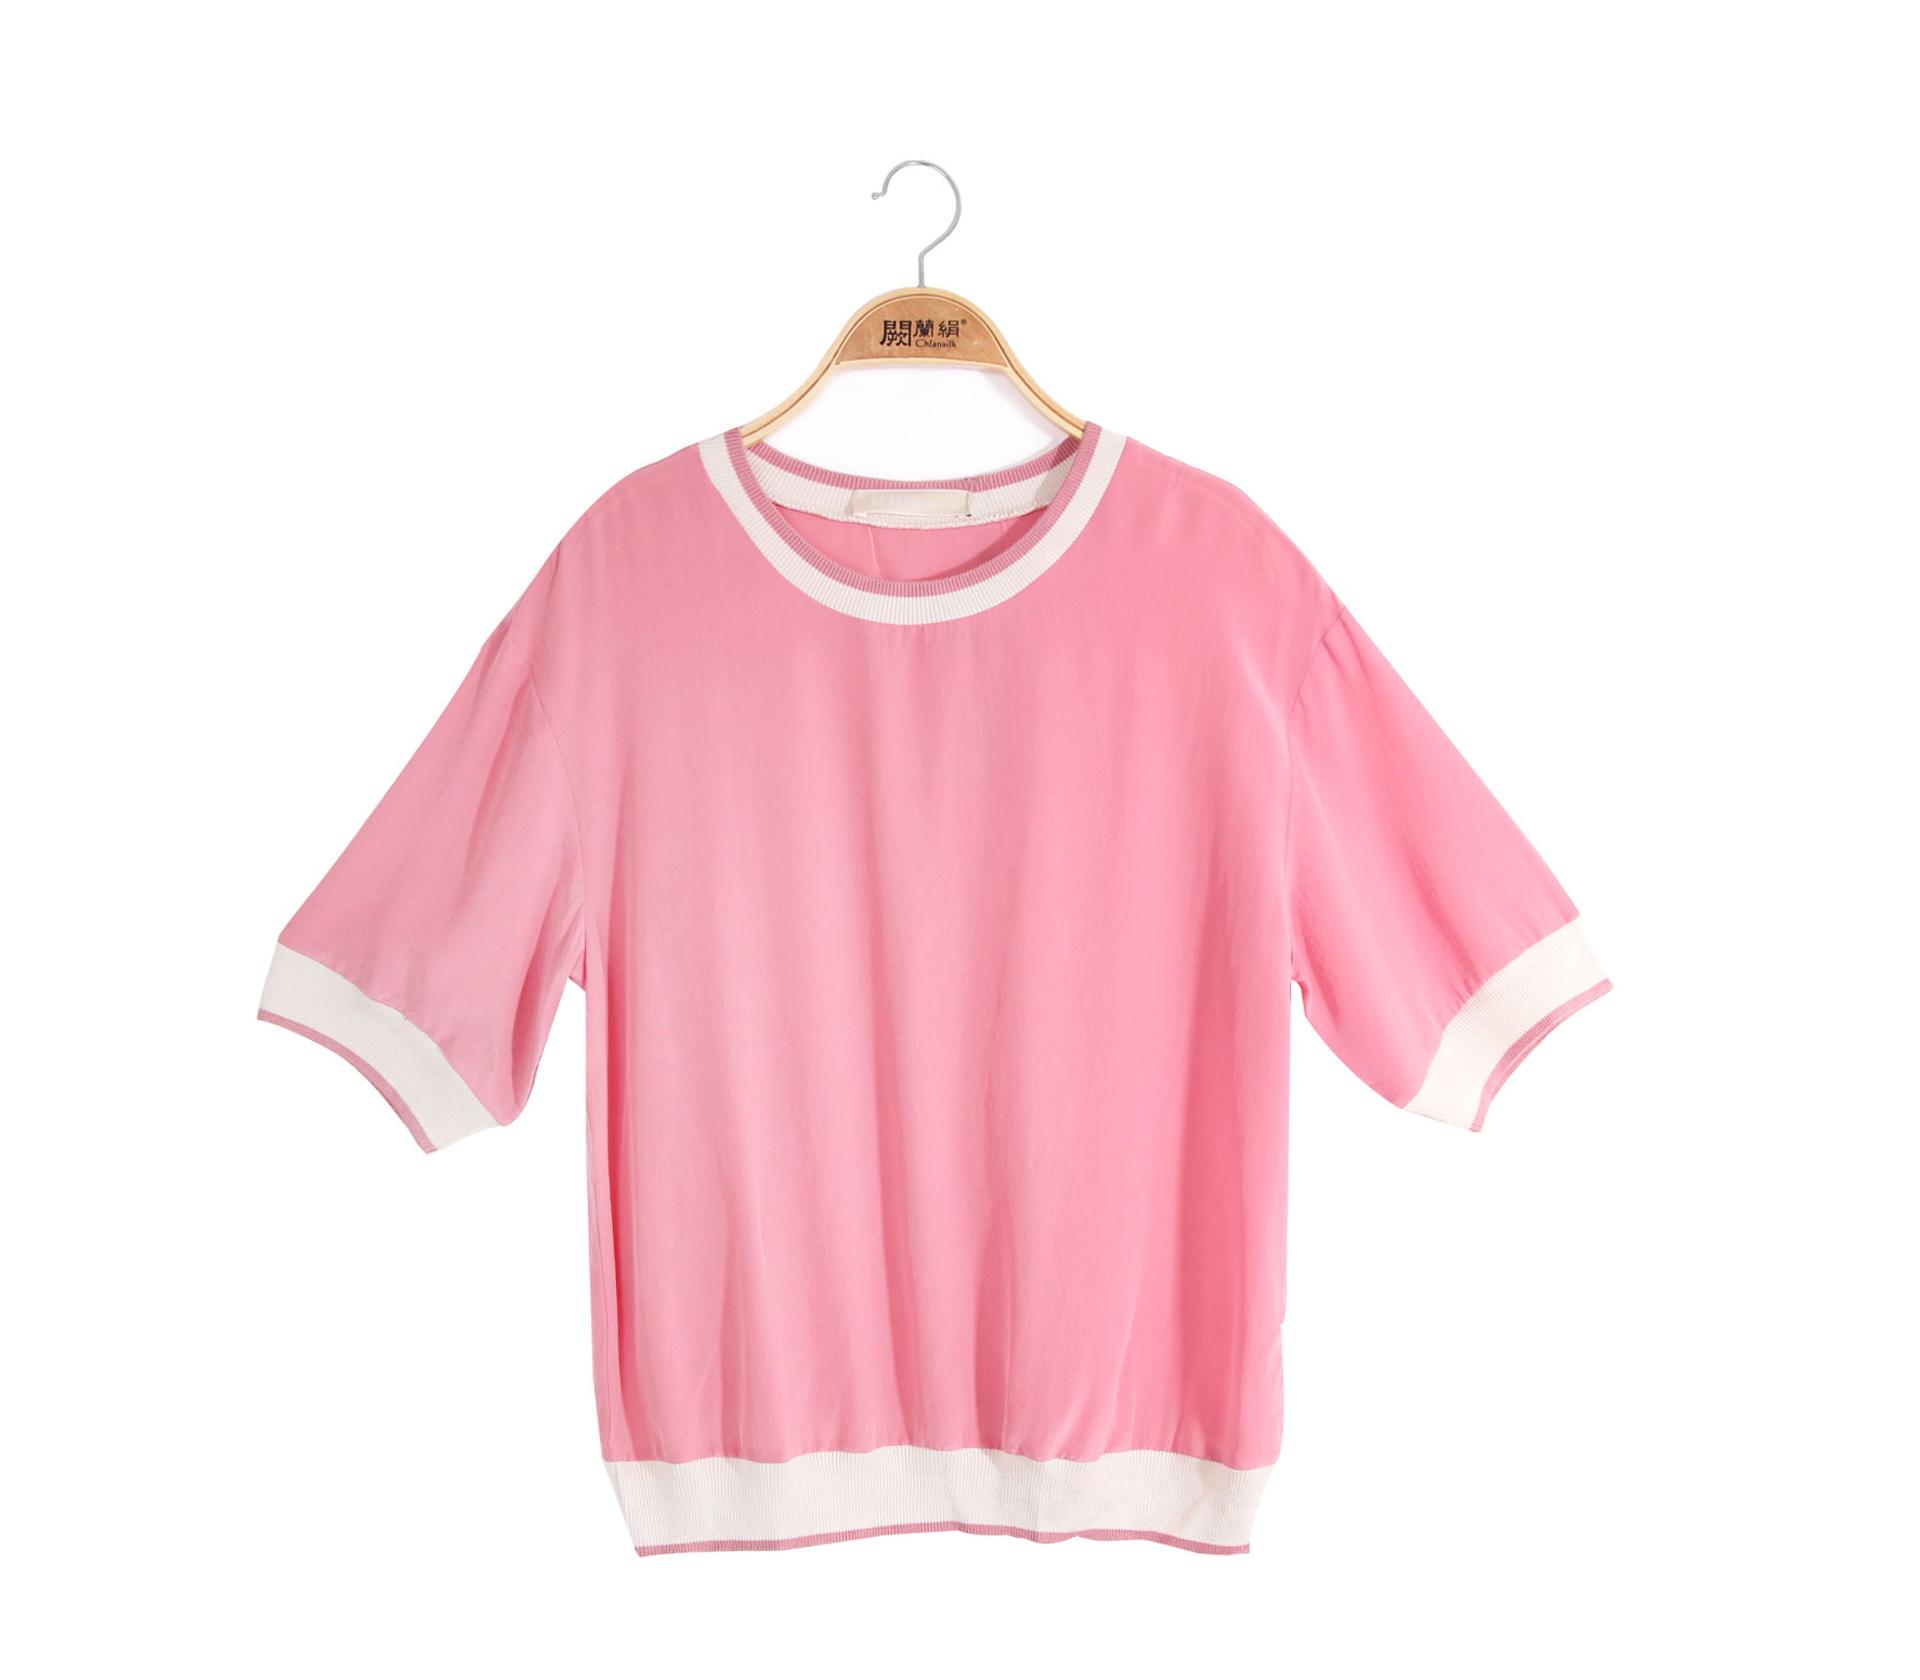 闕蘭絹素面滾白邊100%蠶絲上衣 - 粉色 - 6621